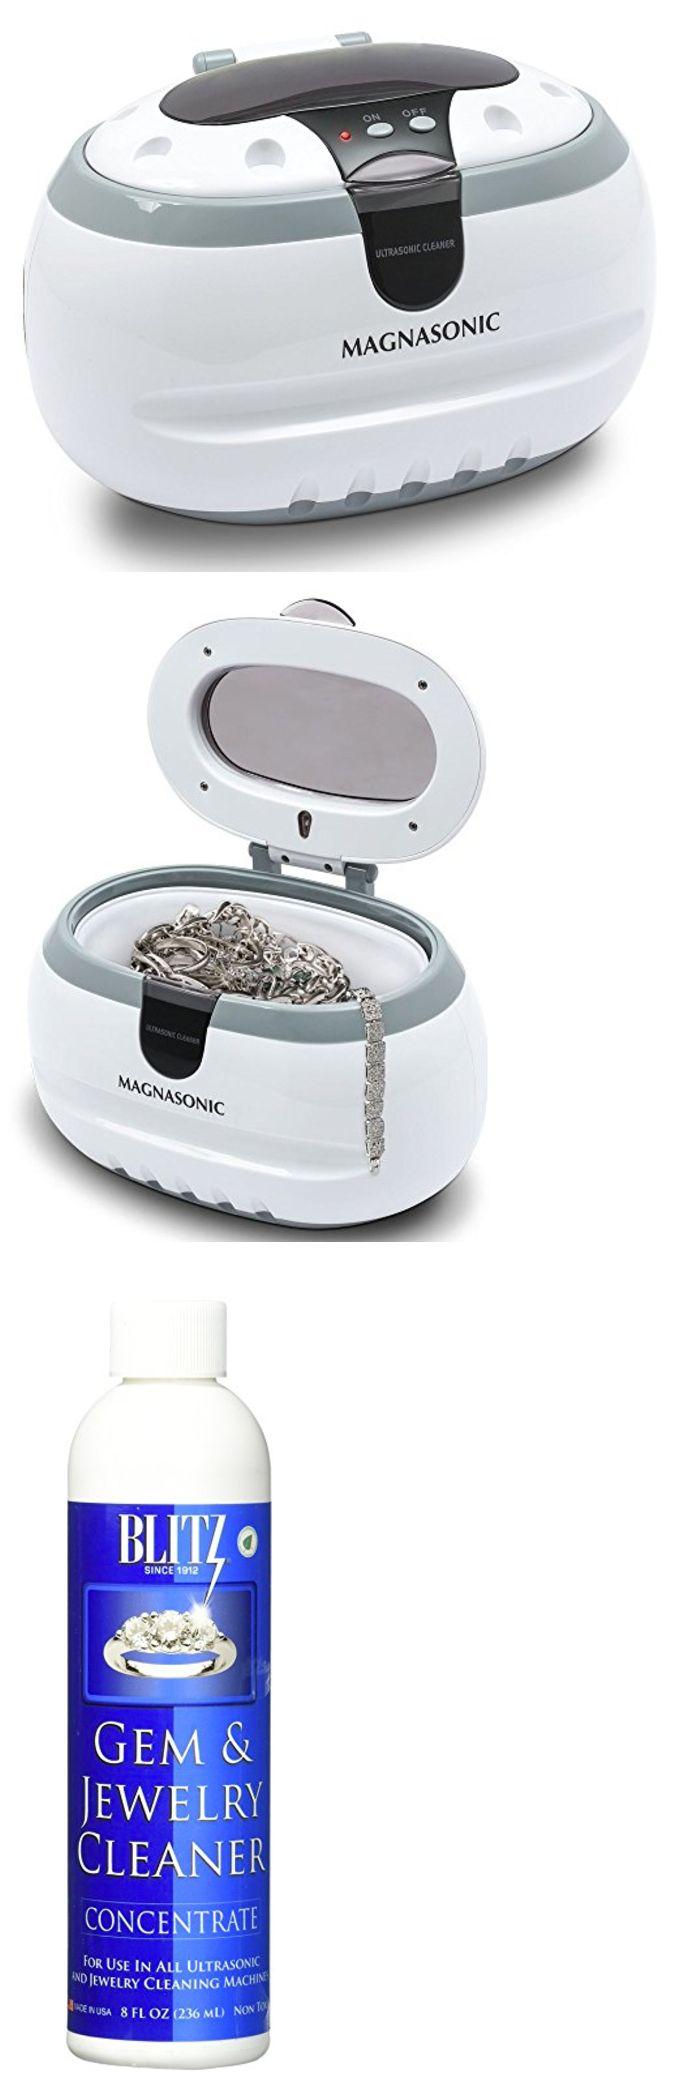 jewelry cleaner machine